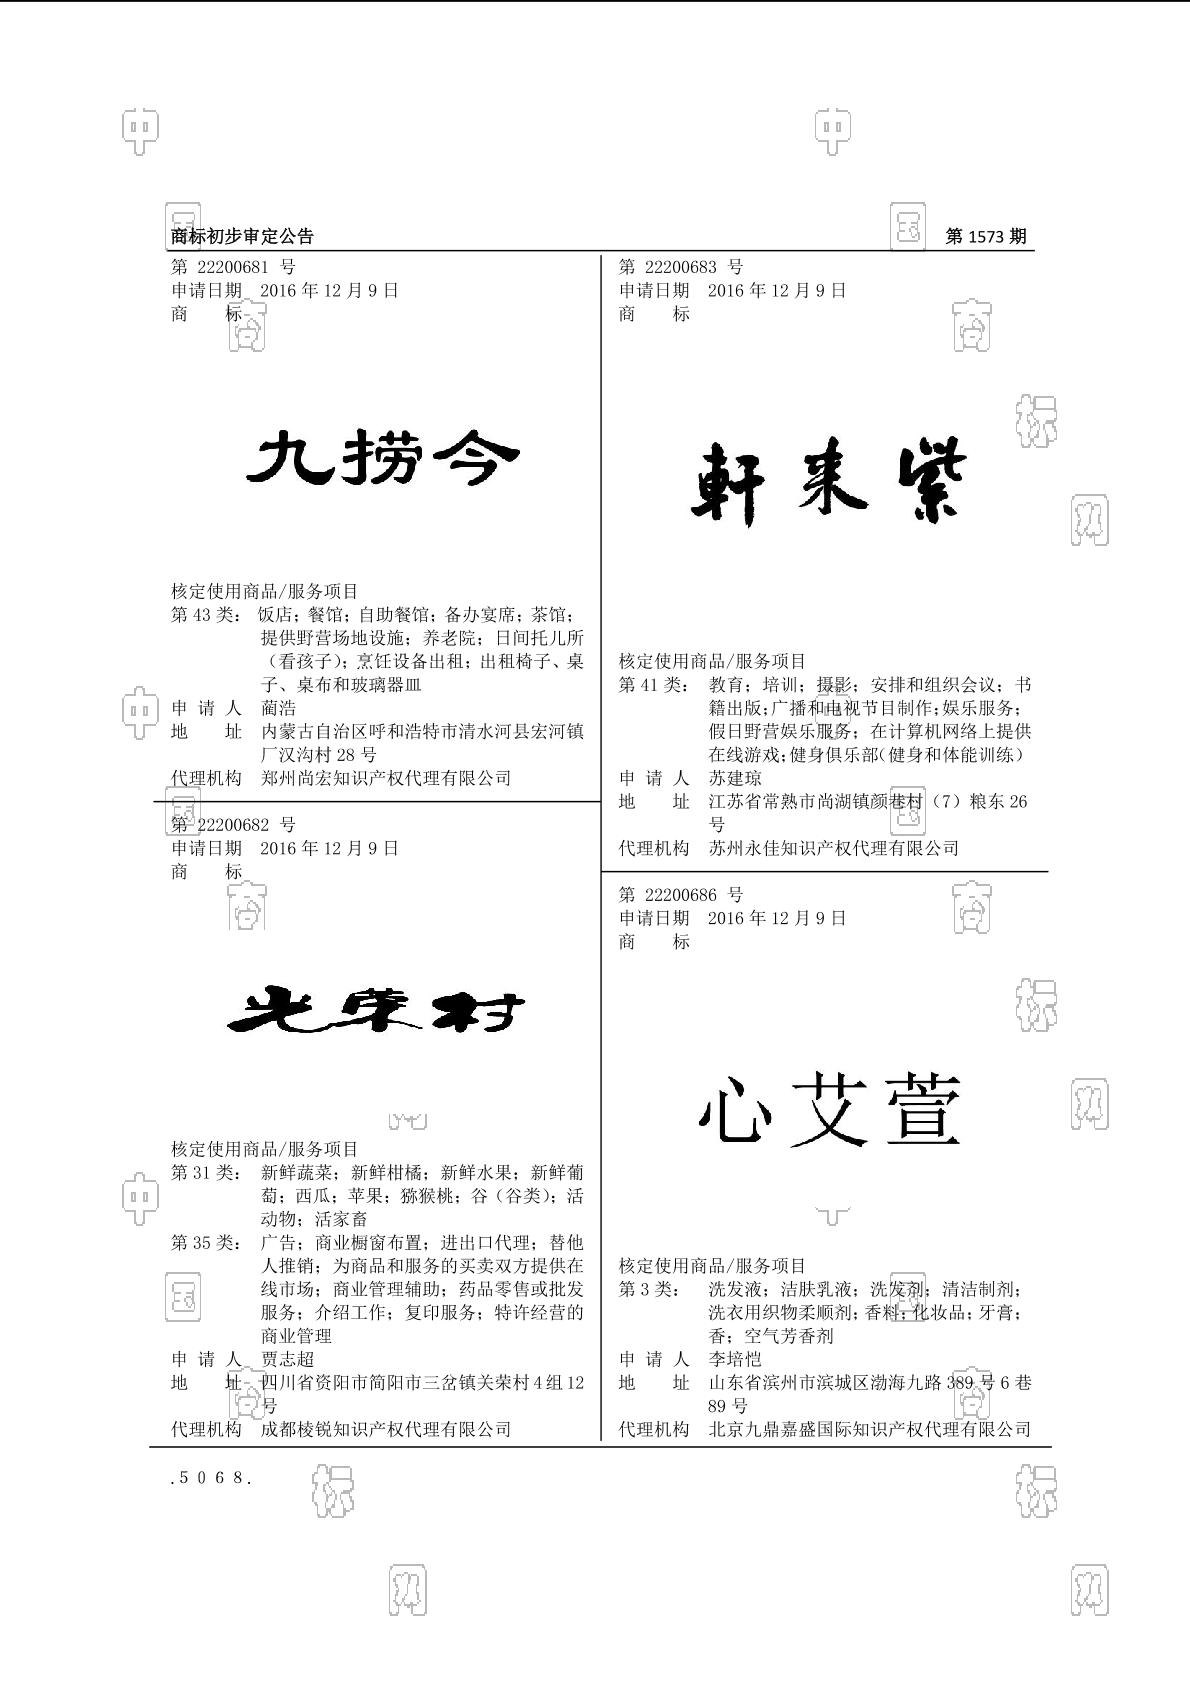 【社标网】光荣村商标状态注册号信息 贾志超商标信息-商标查询